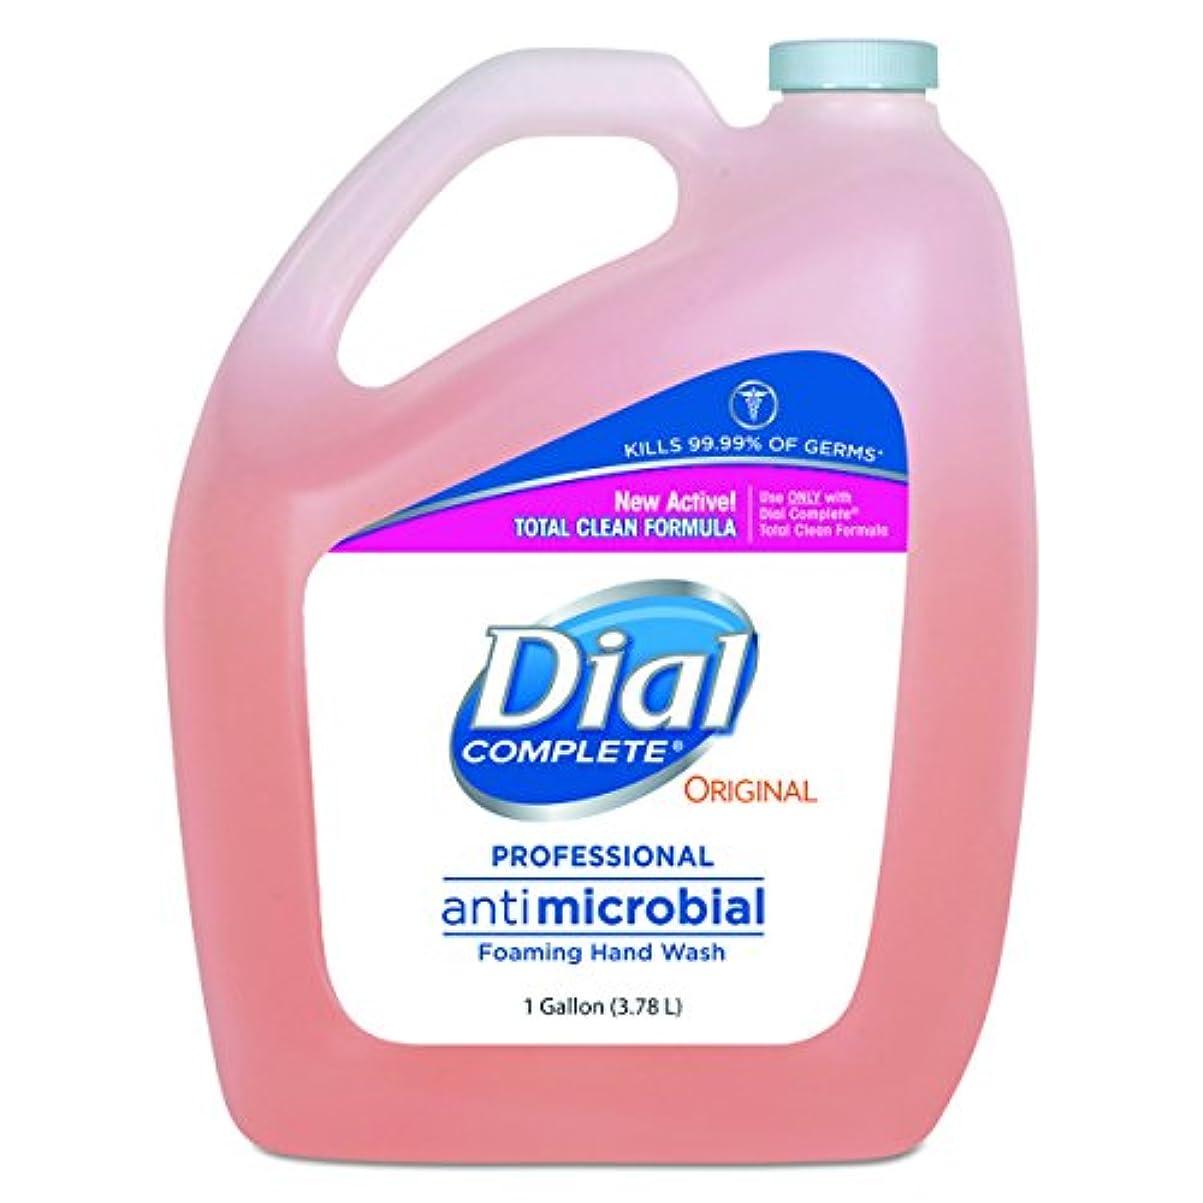 挨拶するコショウエトナ山ダイヤルProfessional抗菌Foaming Hand Soap、元香り, 1 gal。、4 /カートン